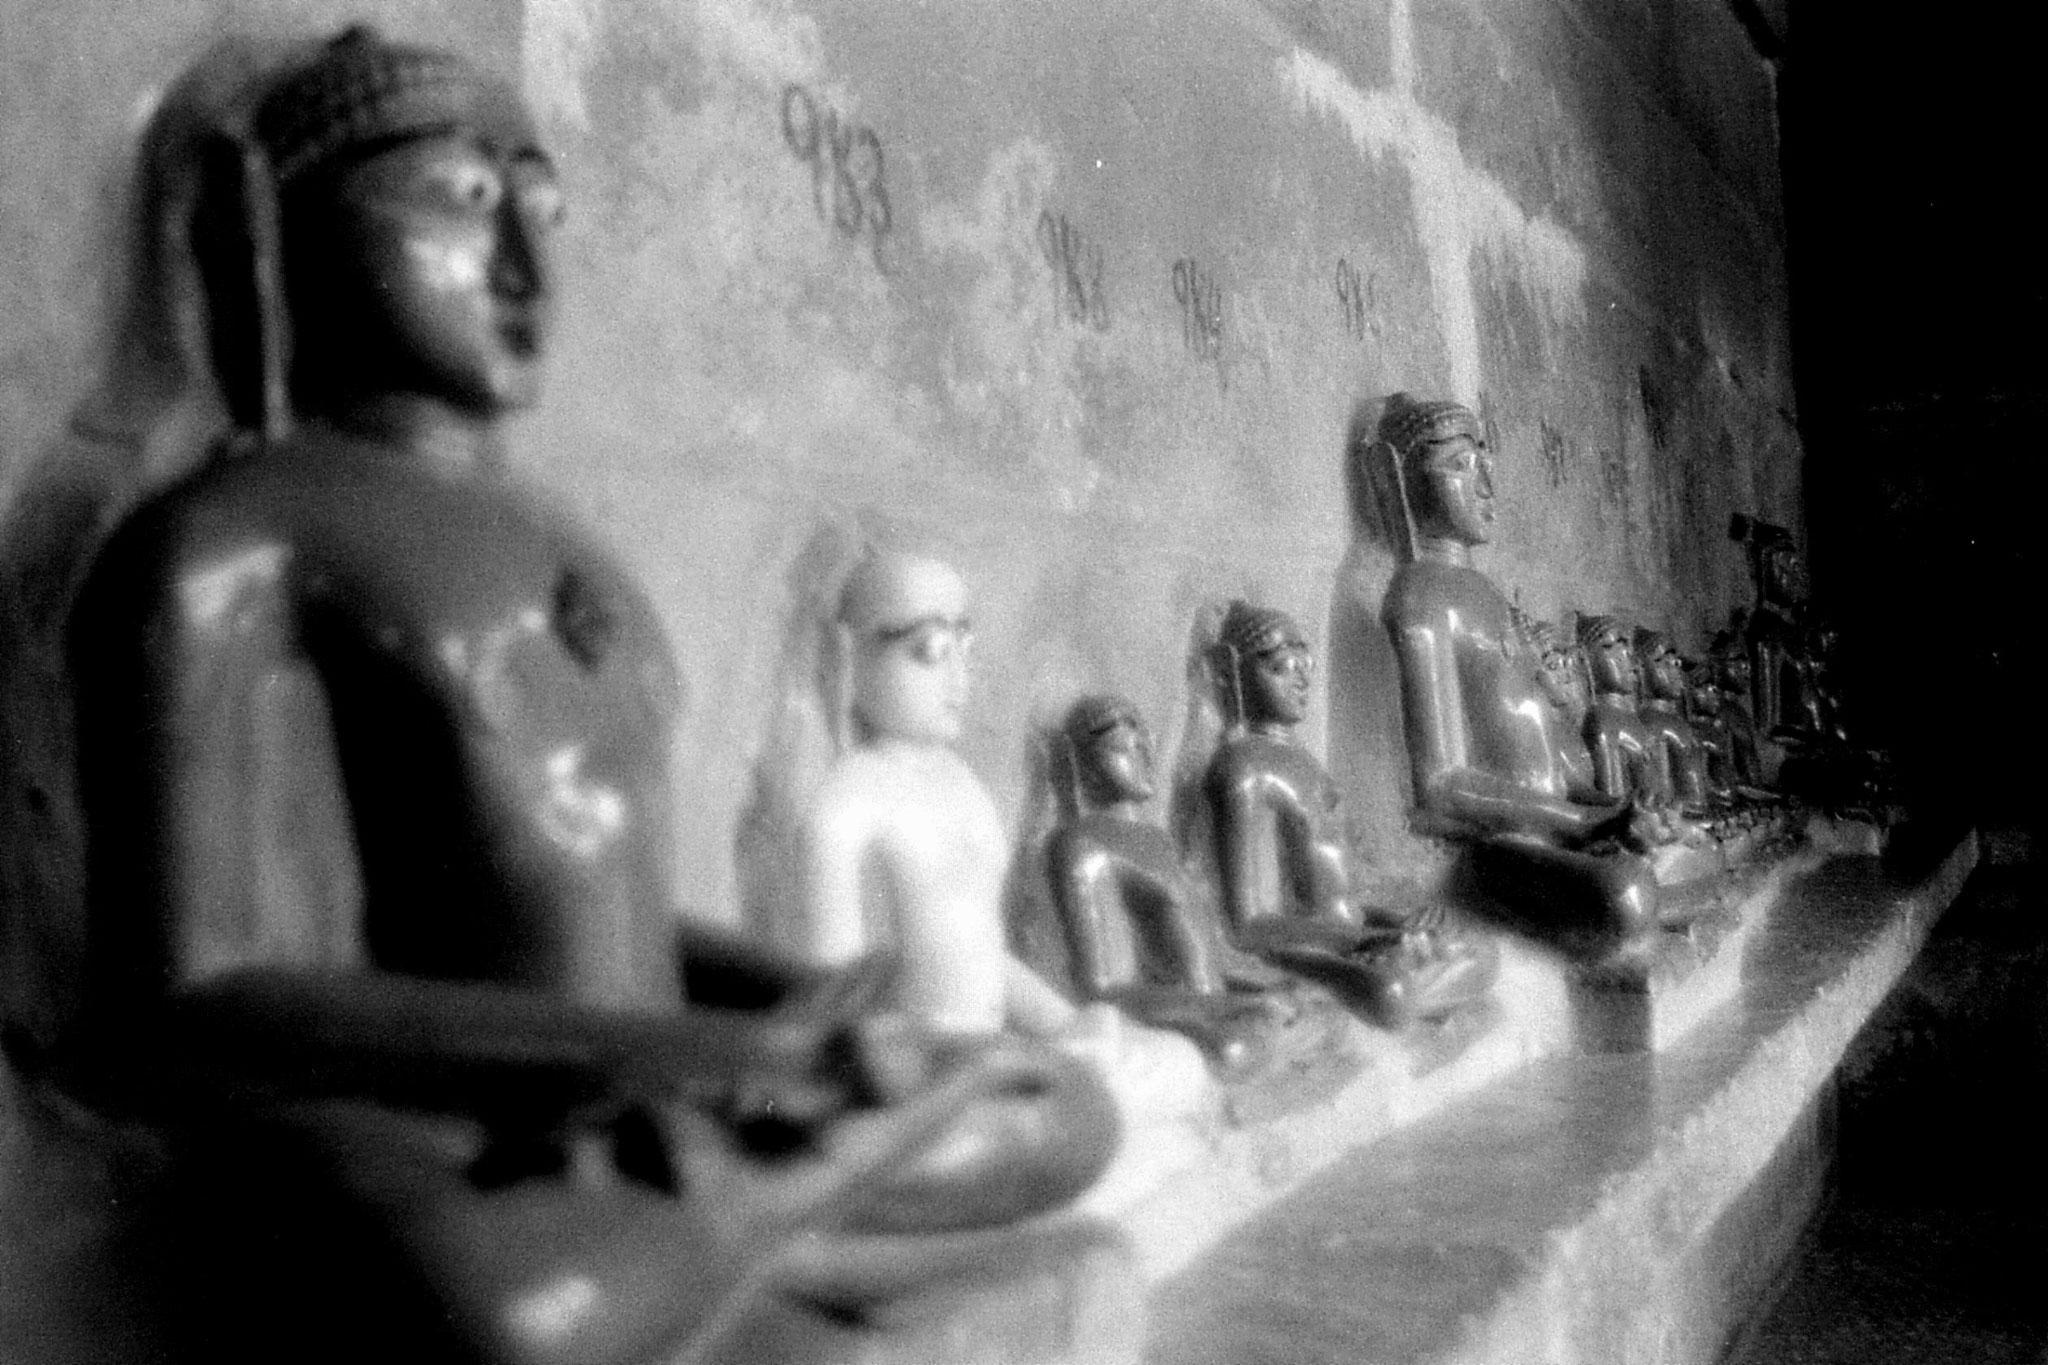 2/12/1989: 17: Jain temple